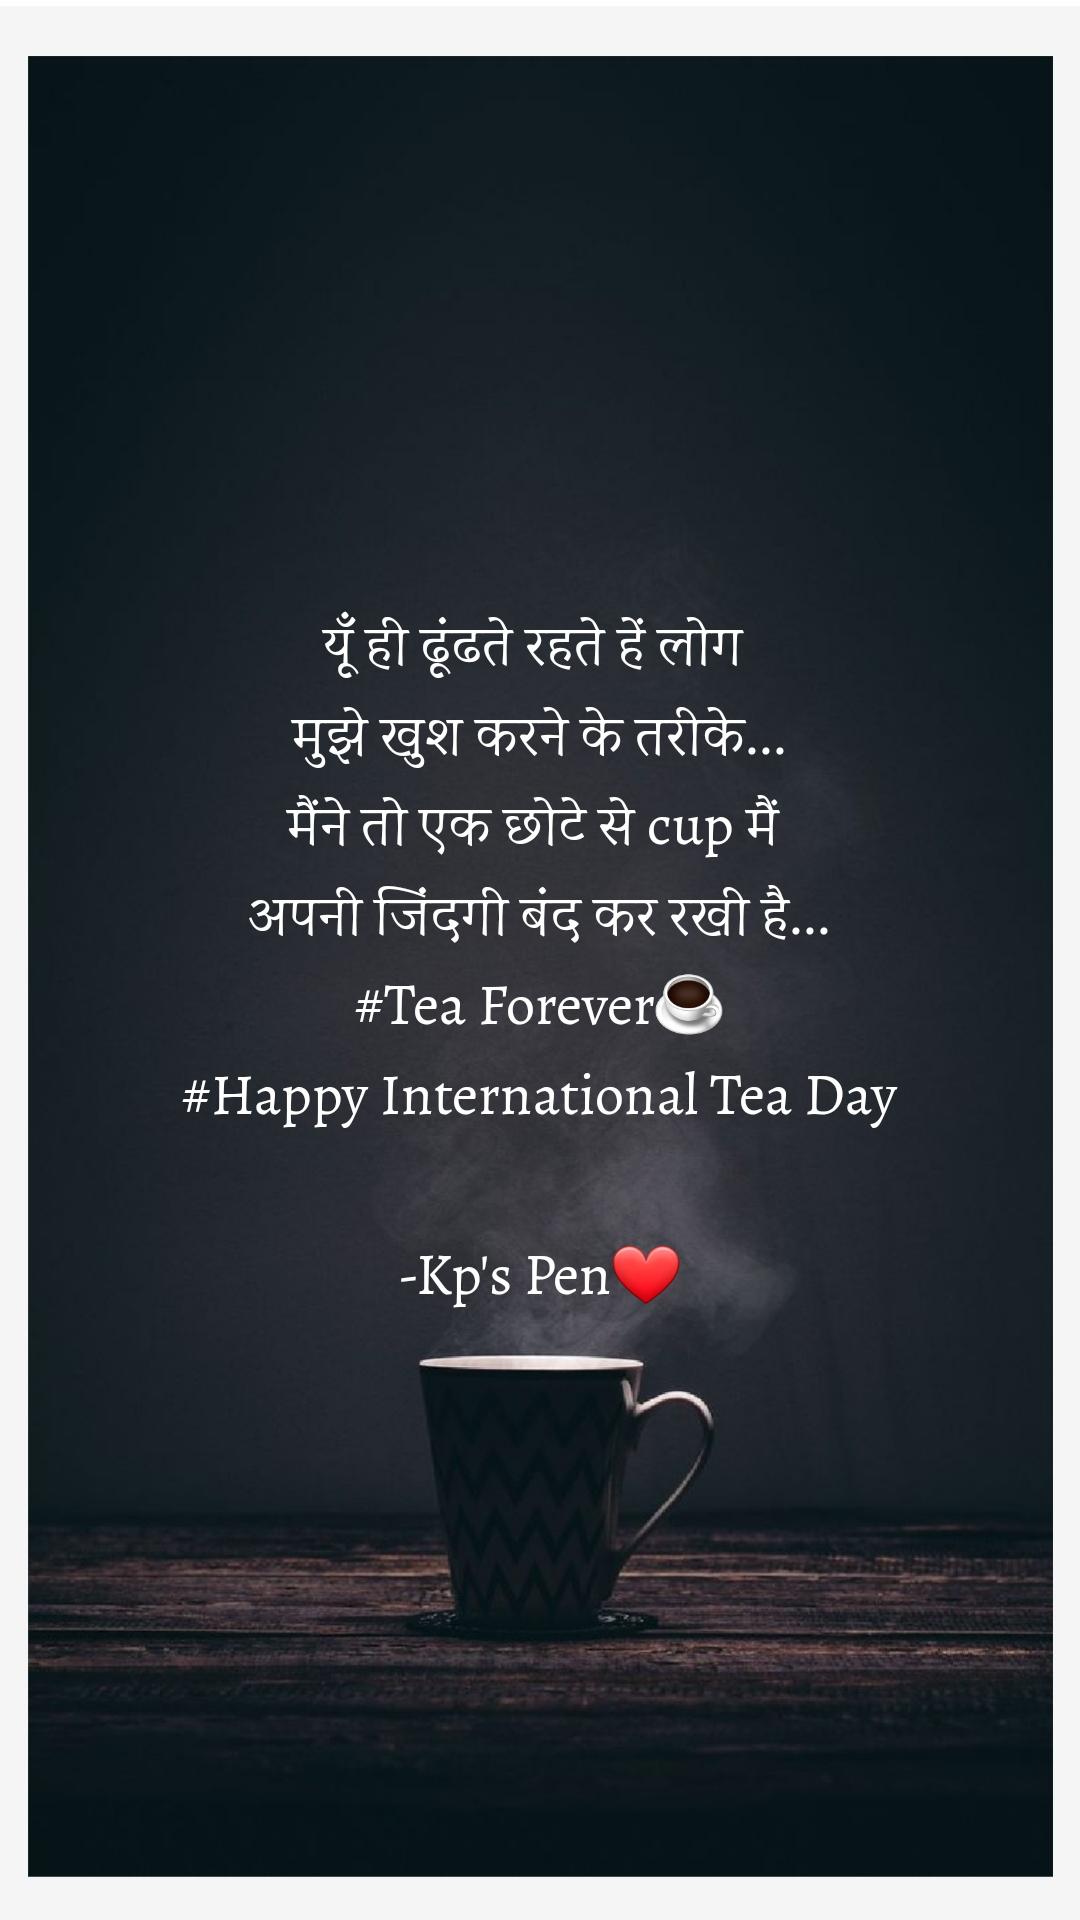 यूँ ही ढूंढते रहते हें लोग  मुझे खुश करने के तरीके... मैंने तो एक छोटे से cup मैं  अपनी जिंदगी बंद कर रखी है... #Tea Forever☕ #Happy International Tea Day  -Kp's Pen❤️